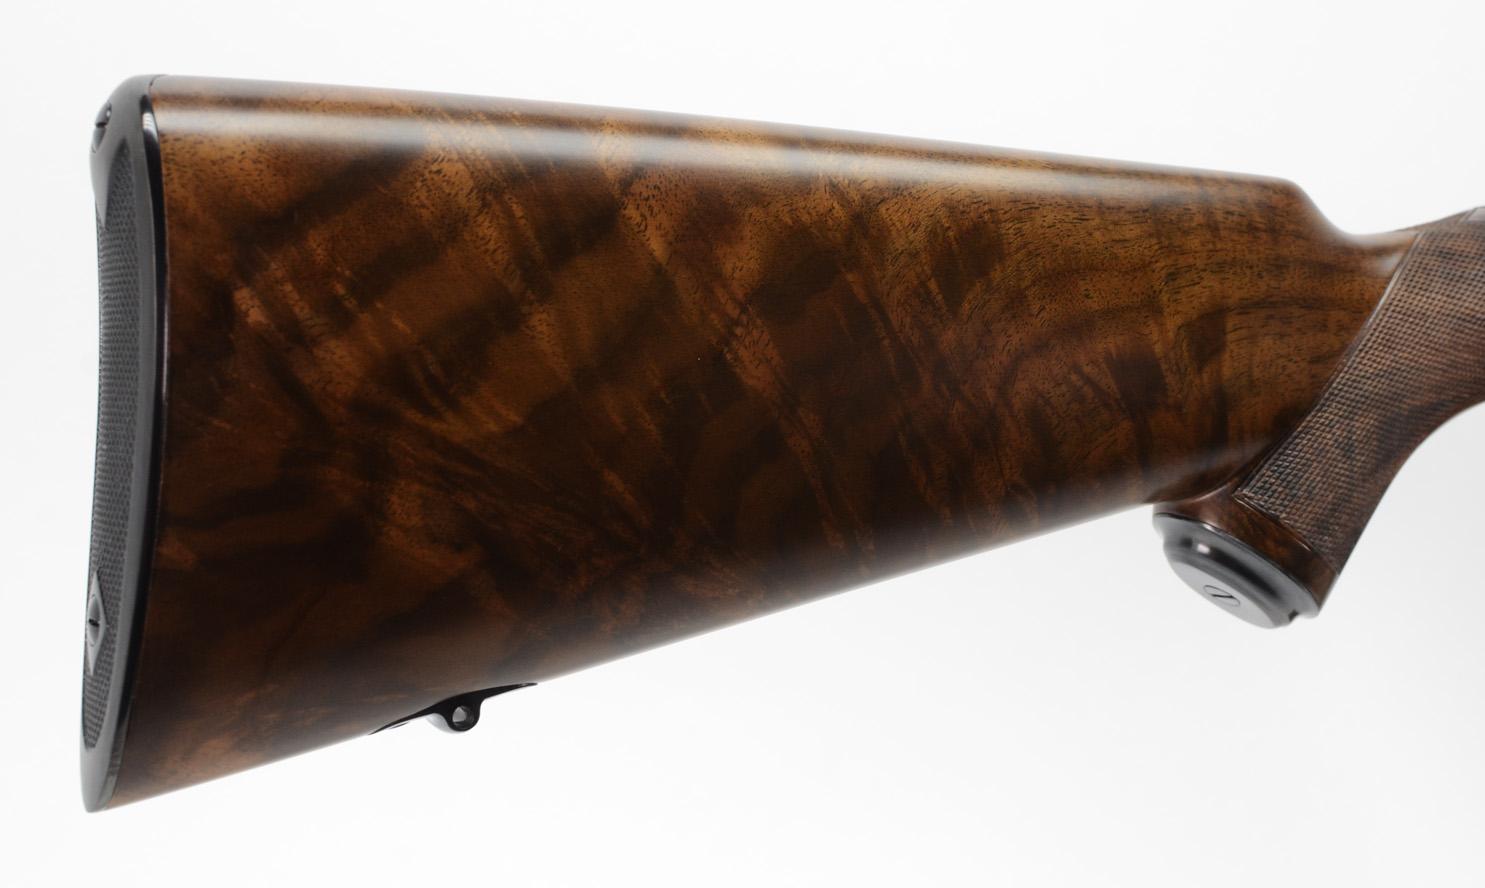 Winchester Pre-64 Model 70